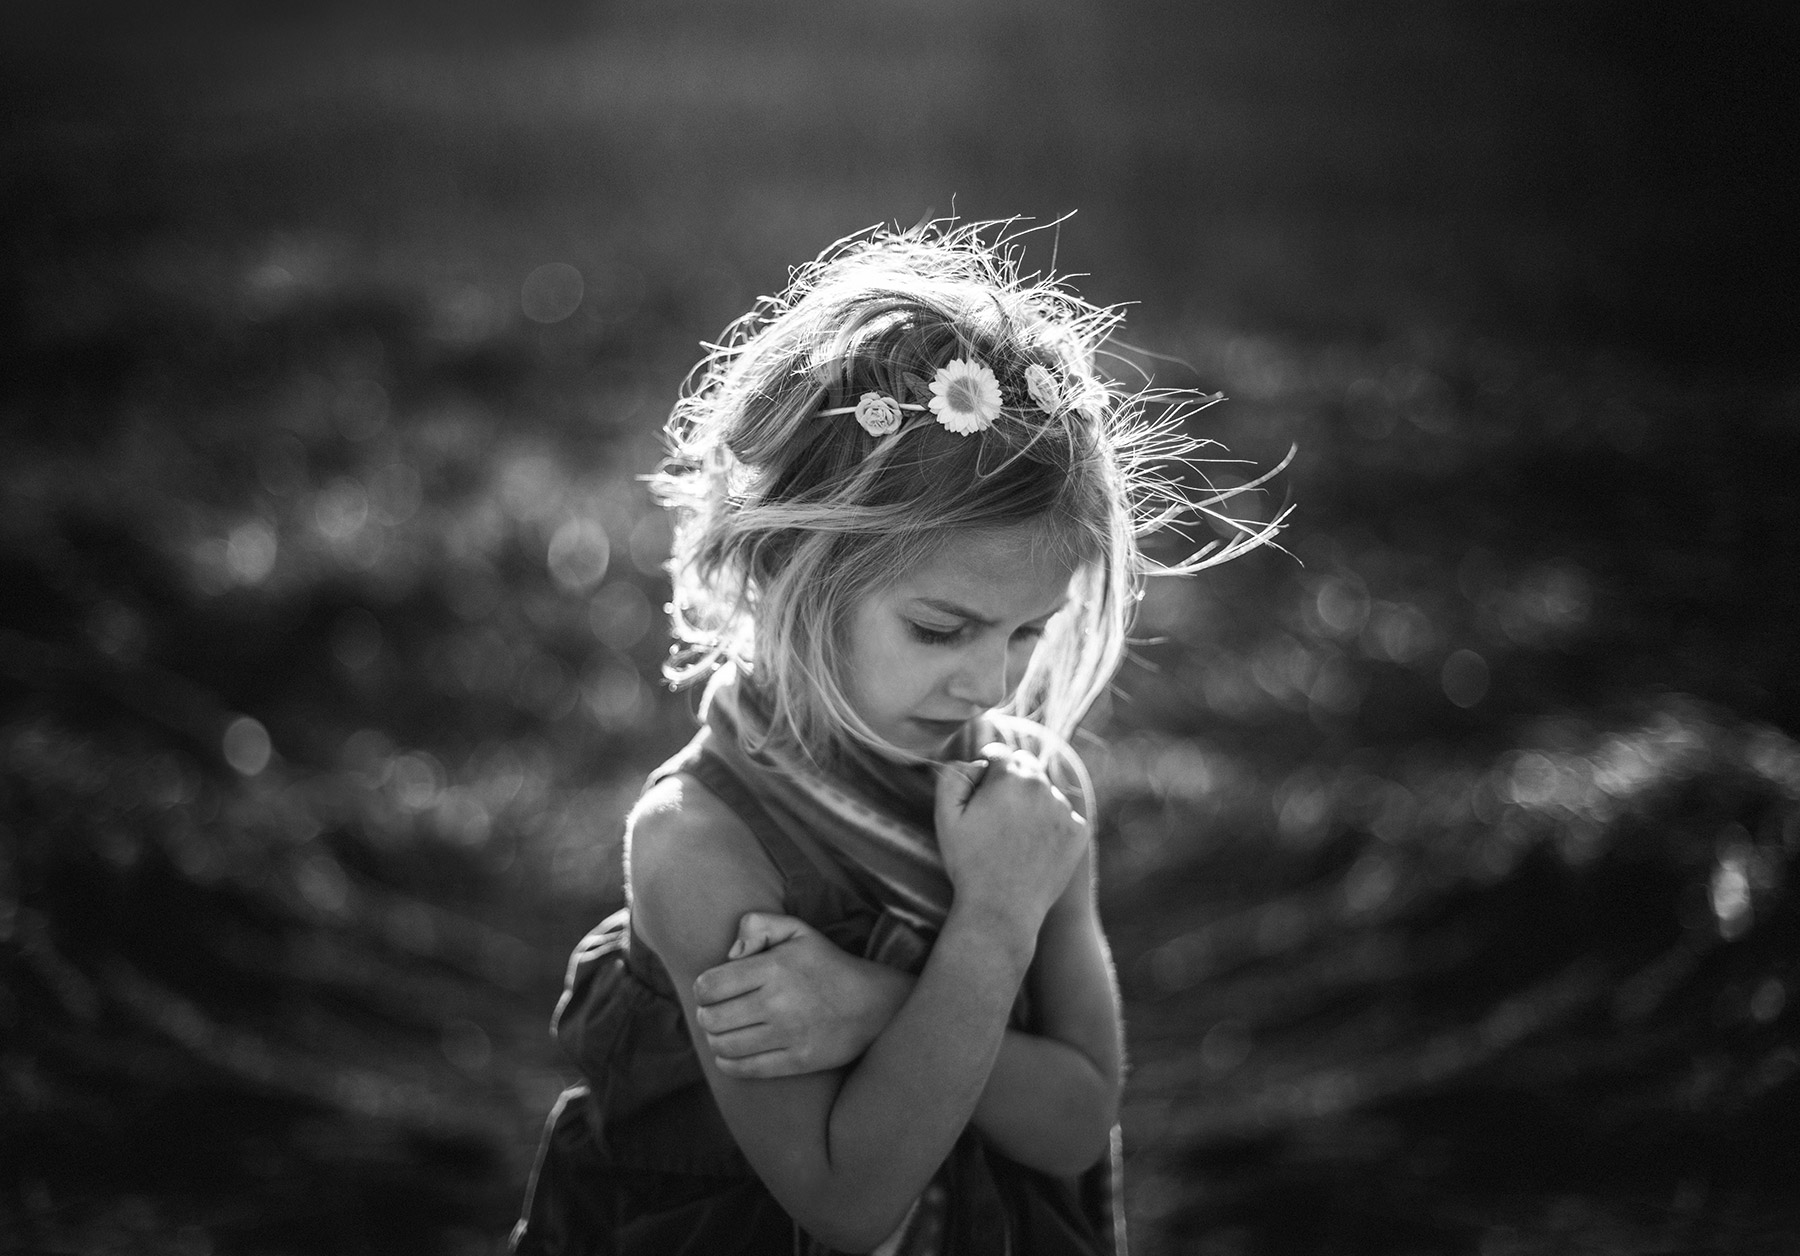 Heather-children-4422-1800